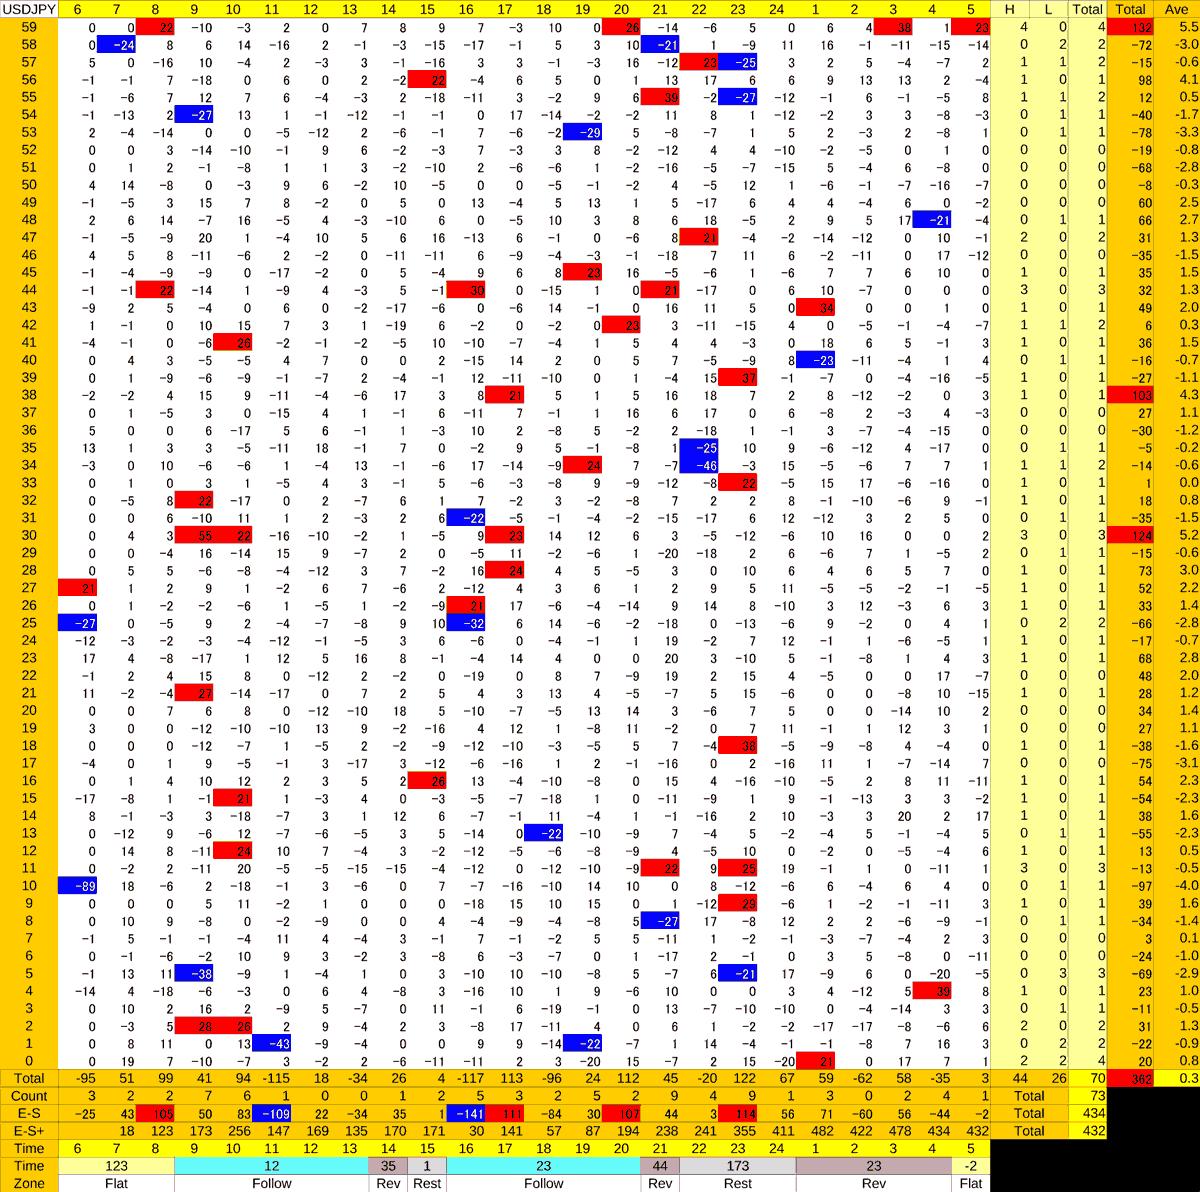 20200923_HS(1)USDJPY